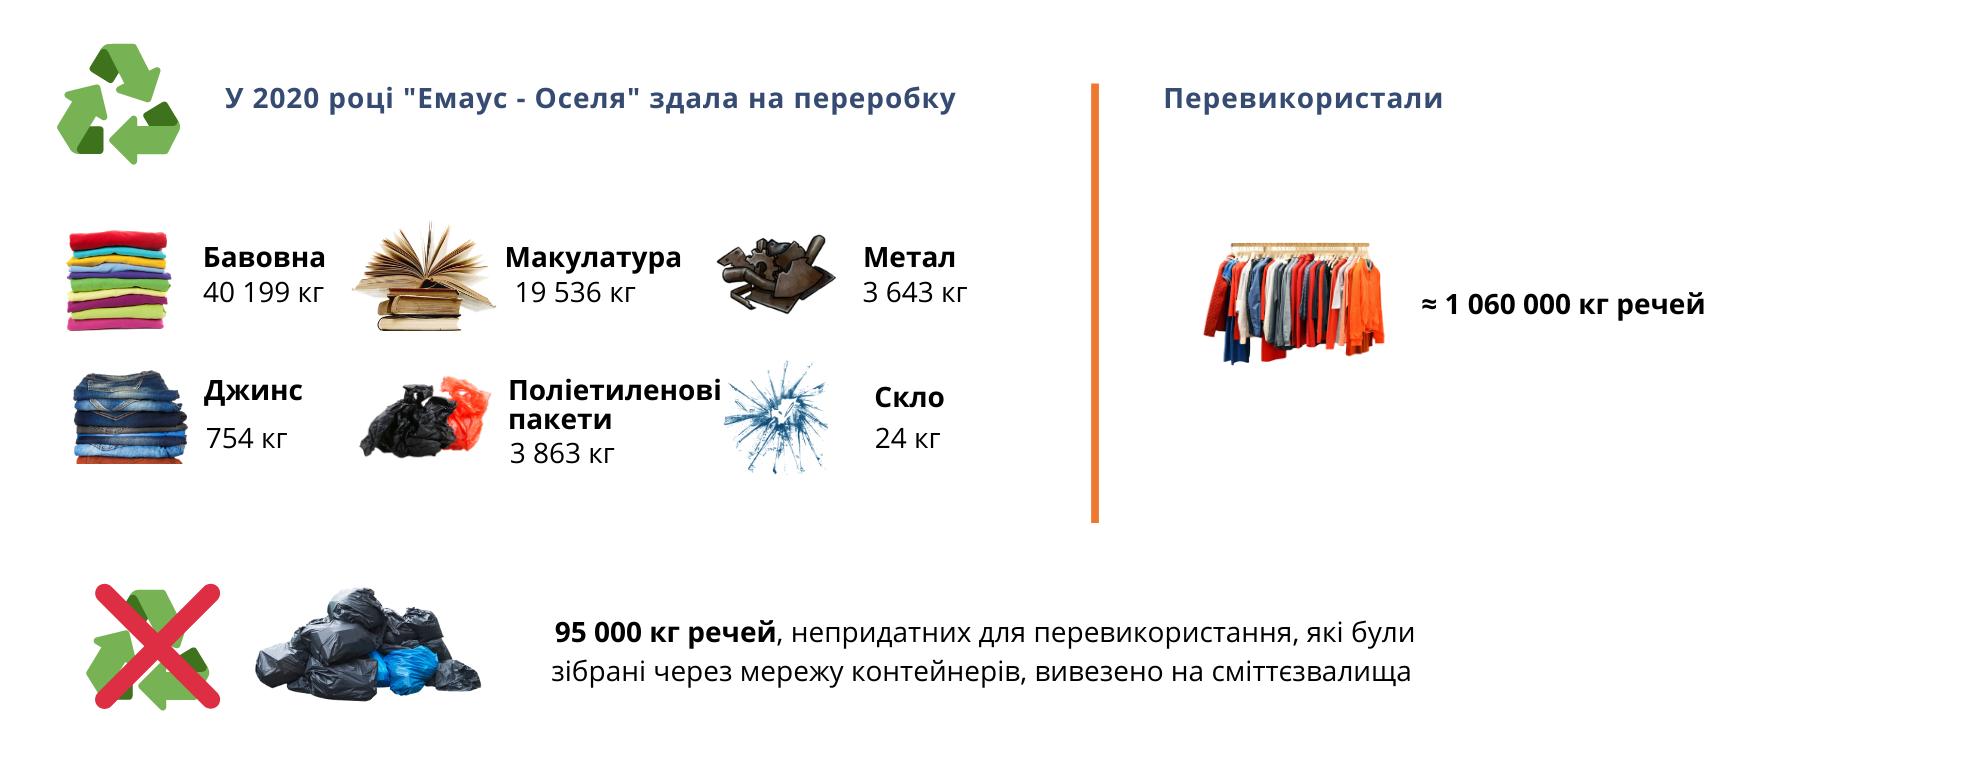 recycle-ukr-2020